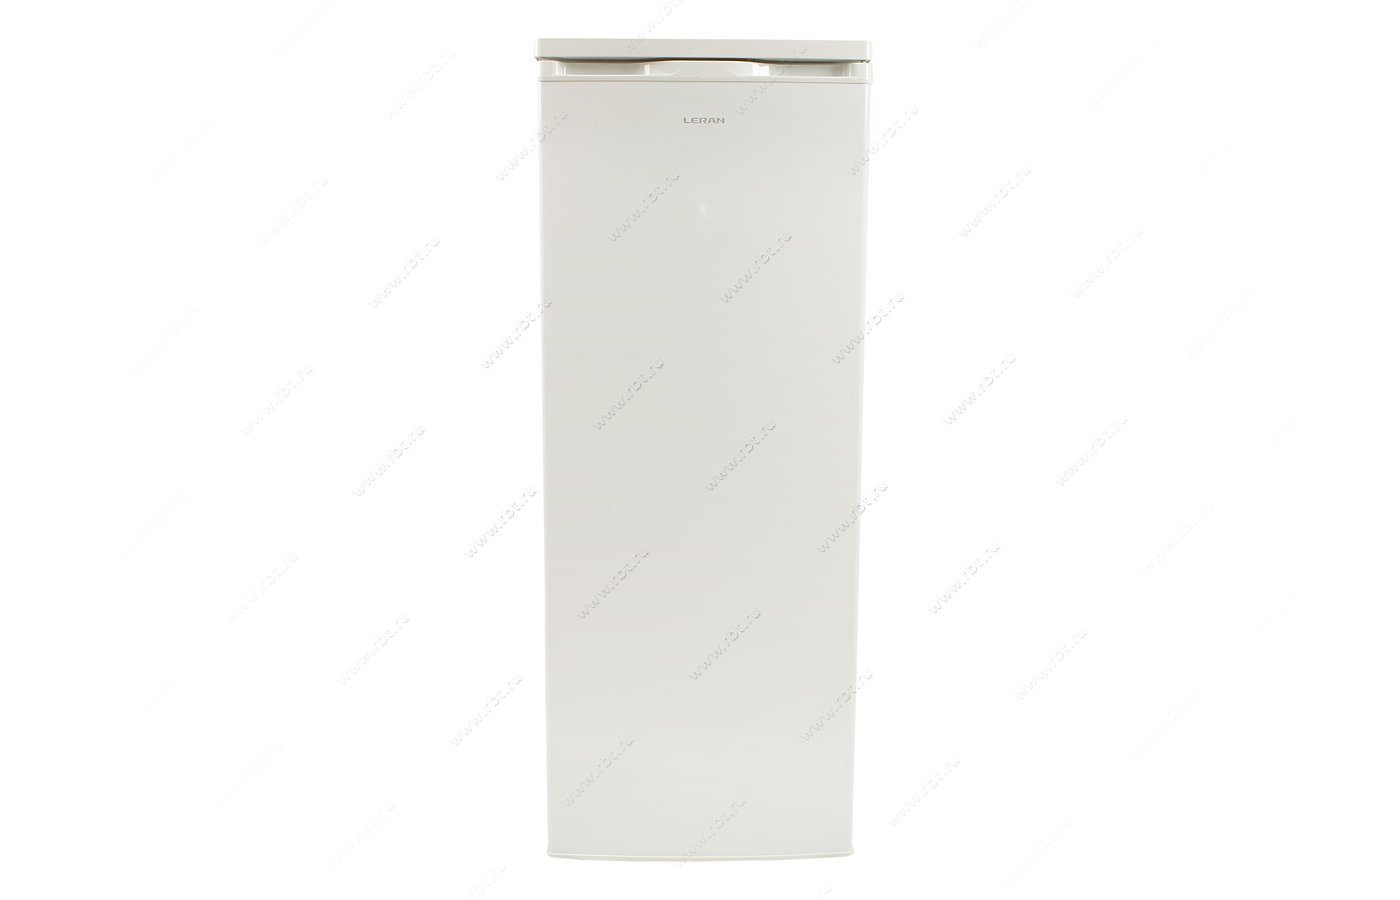 Холодильник LERAN SDF 129 W